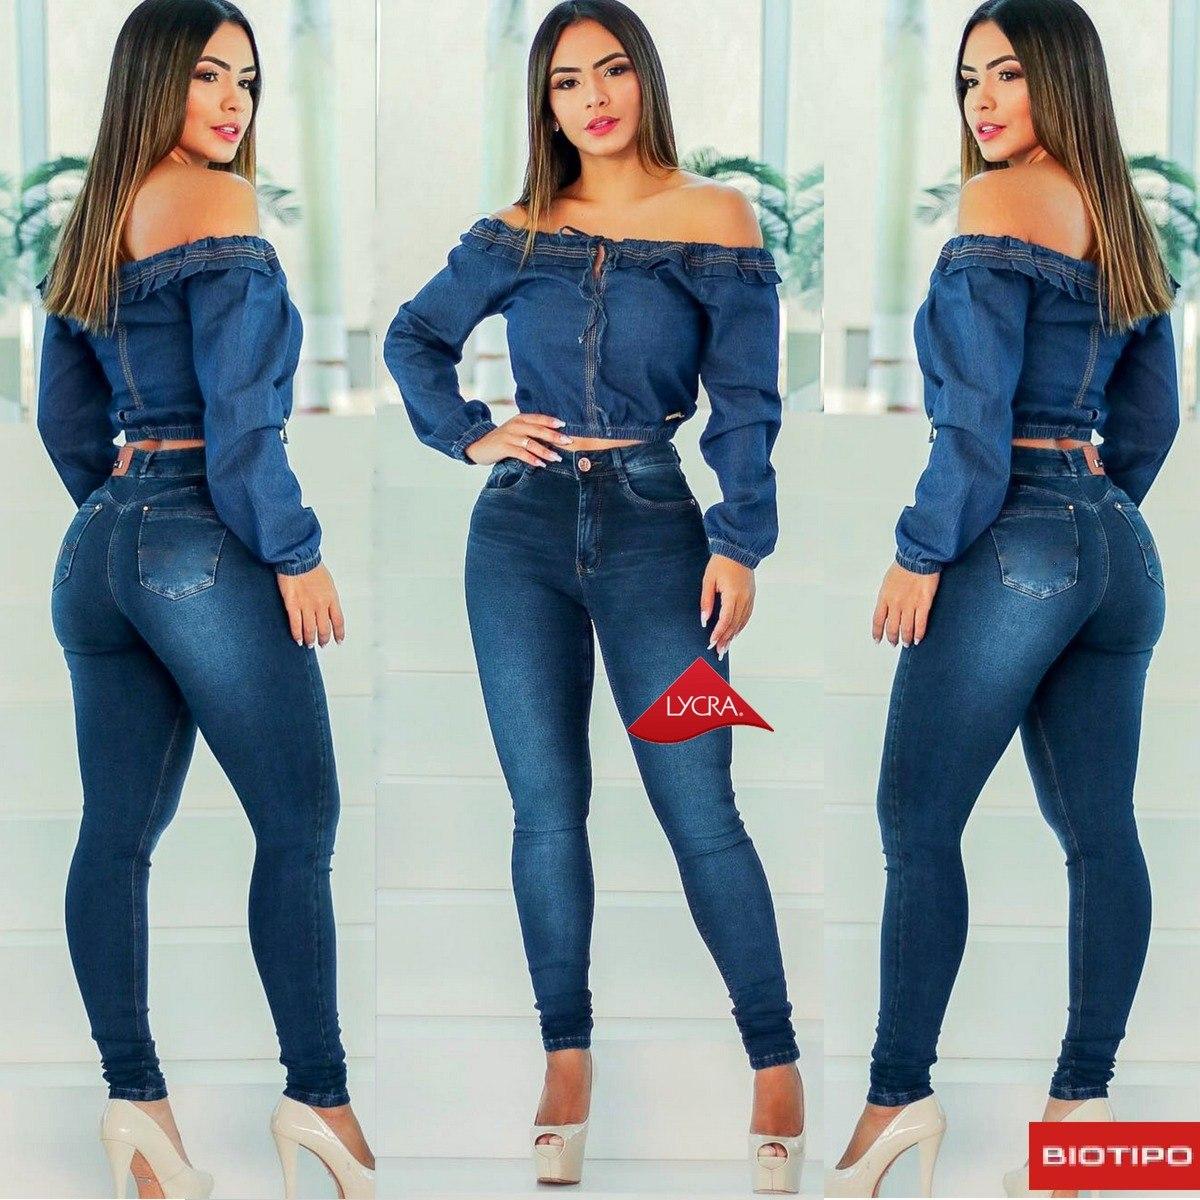 bb9f70d41 calça jeans feminina levanta bumbum cintura alta lycra dins. Carregando zoom .